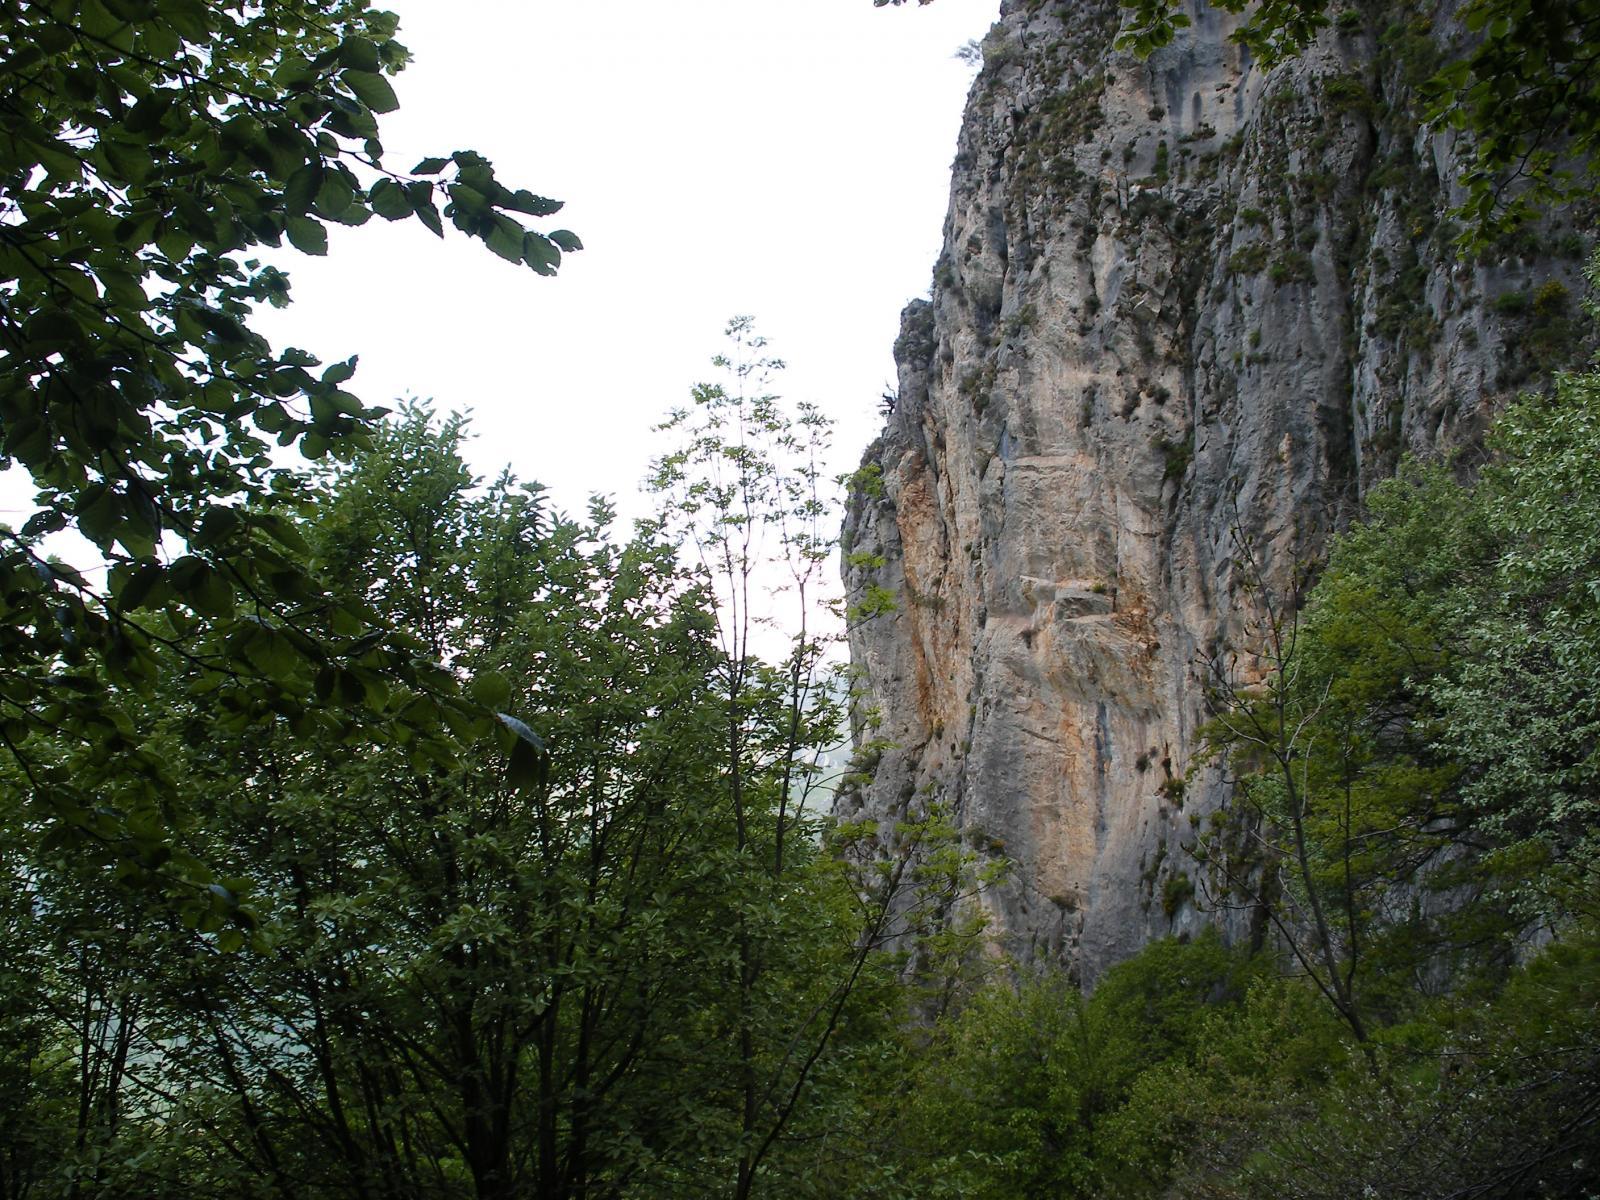 tra le balze rocciose